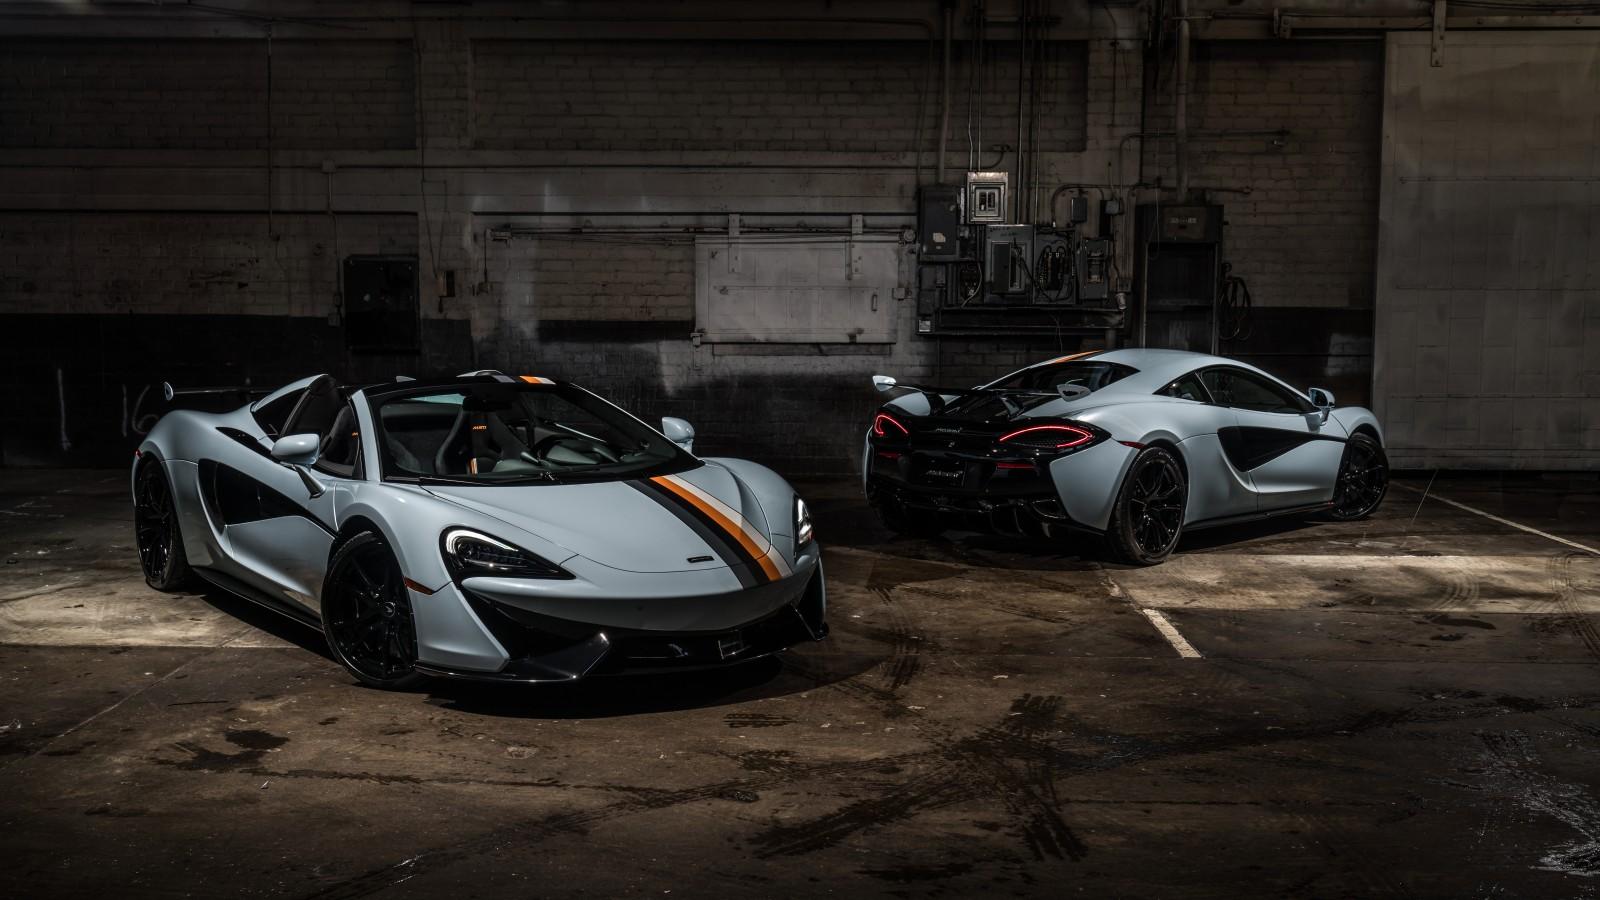 House Hd Wallpaper Car Backgrounds: McLaren MSO 570S Spider Muriwai 2019 4K 8K Wallpaper